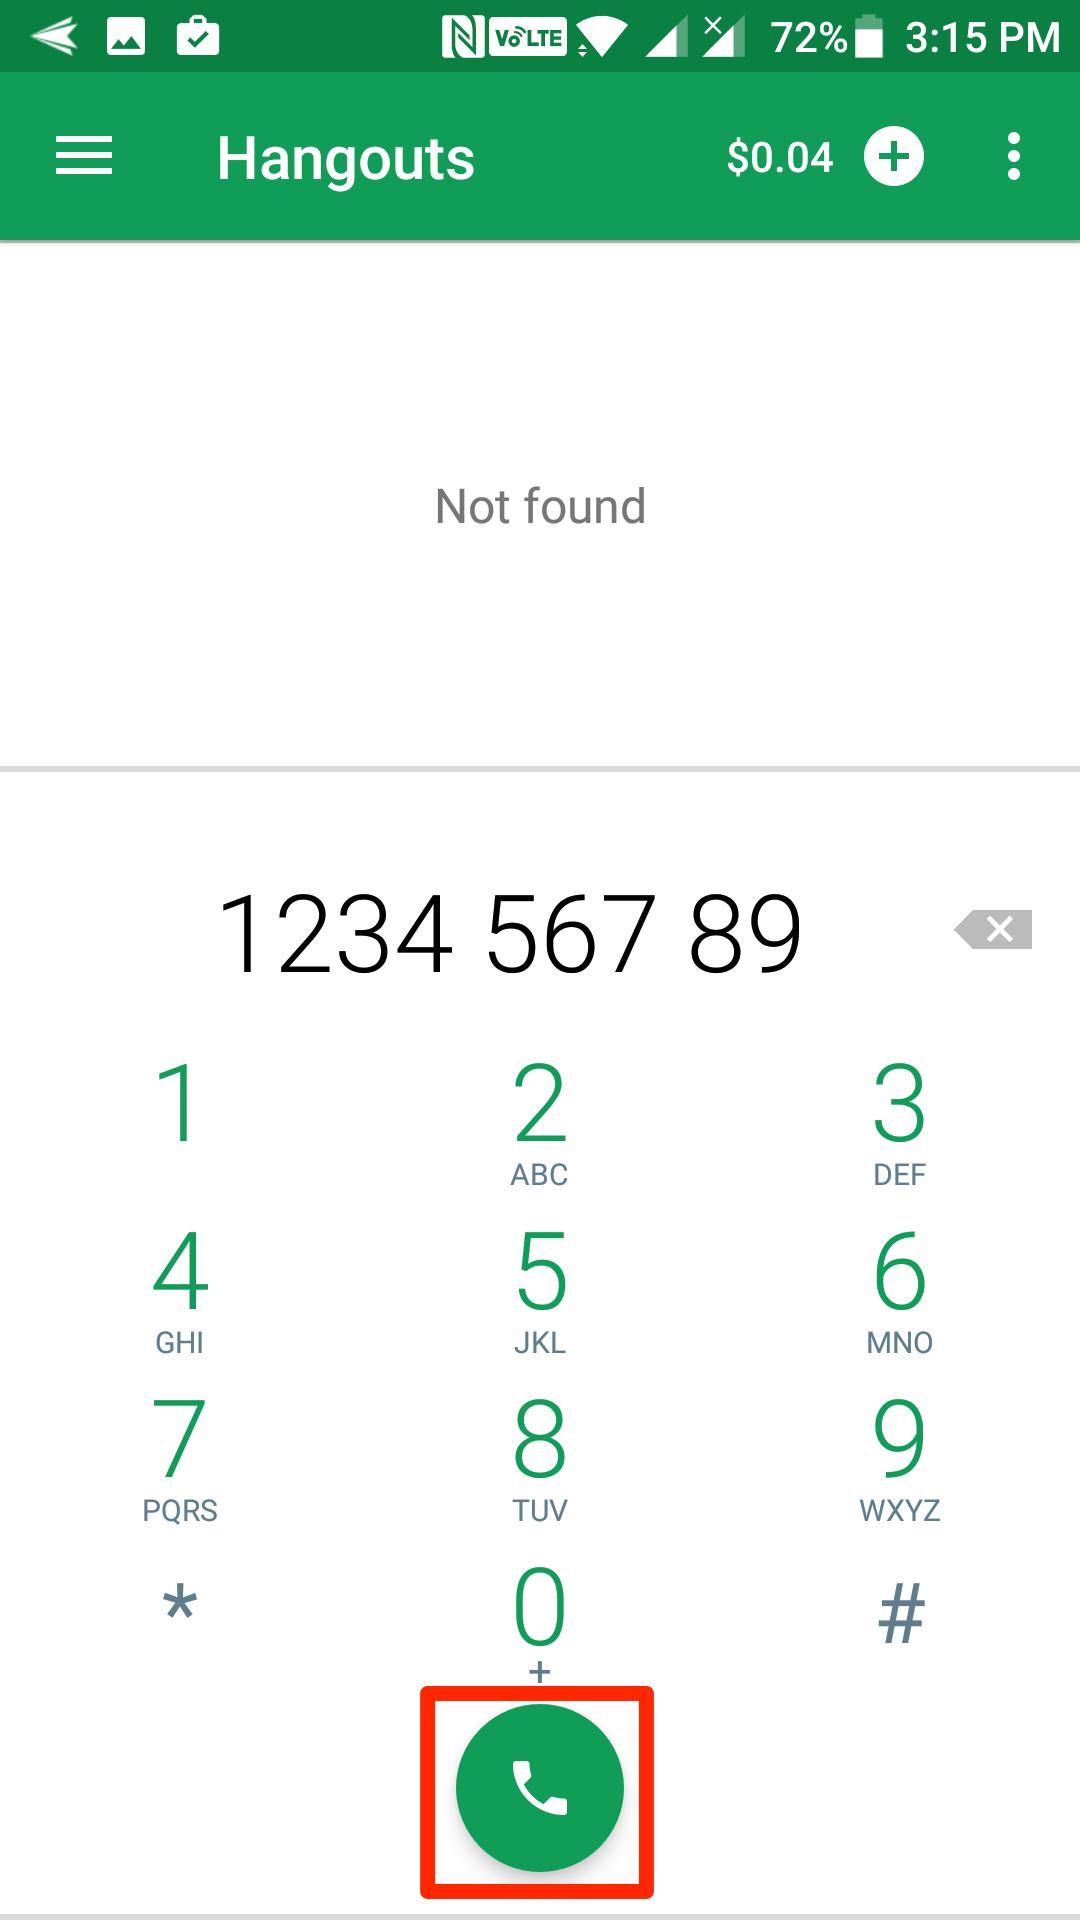 hangouts-dialer-number